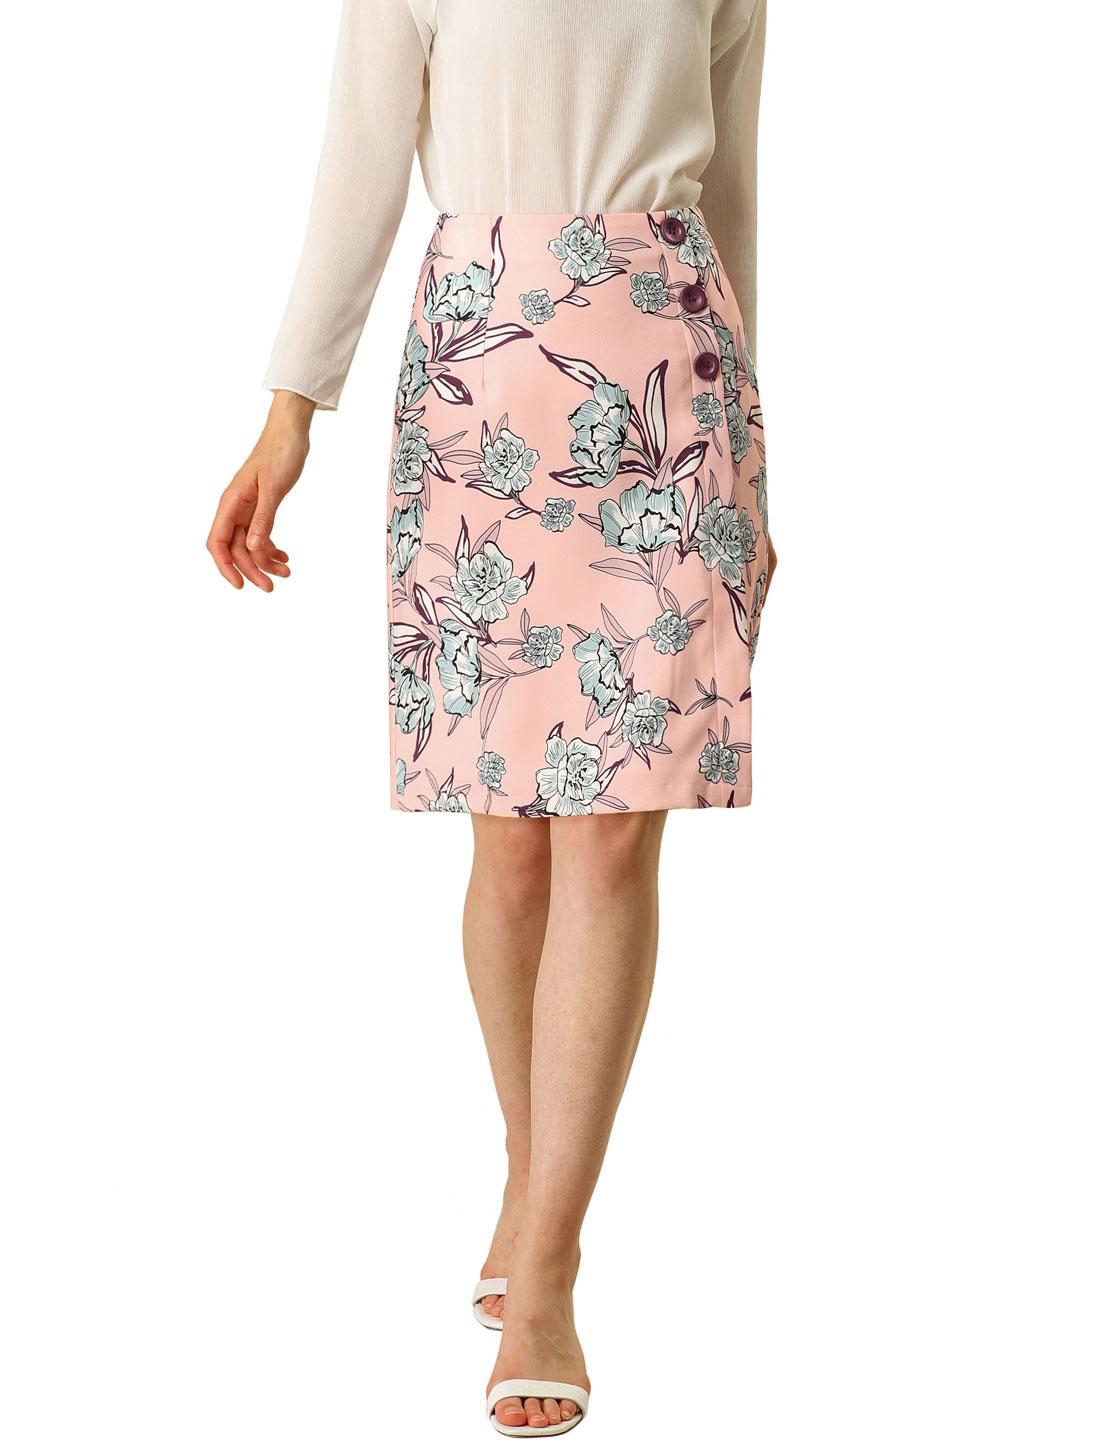 Allegra K Women's Work Elegant Floral Button Decor High Waist Skirt Pink XL